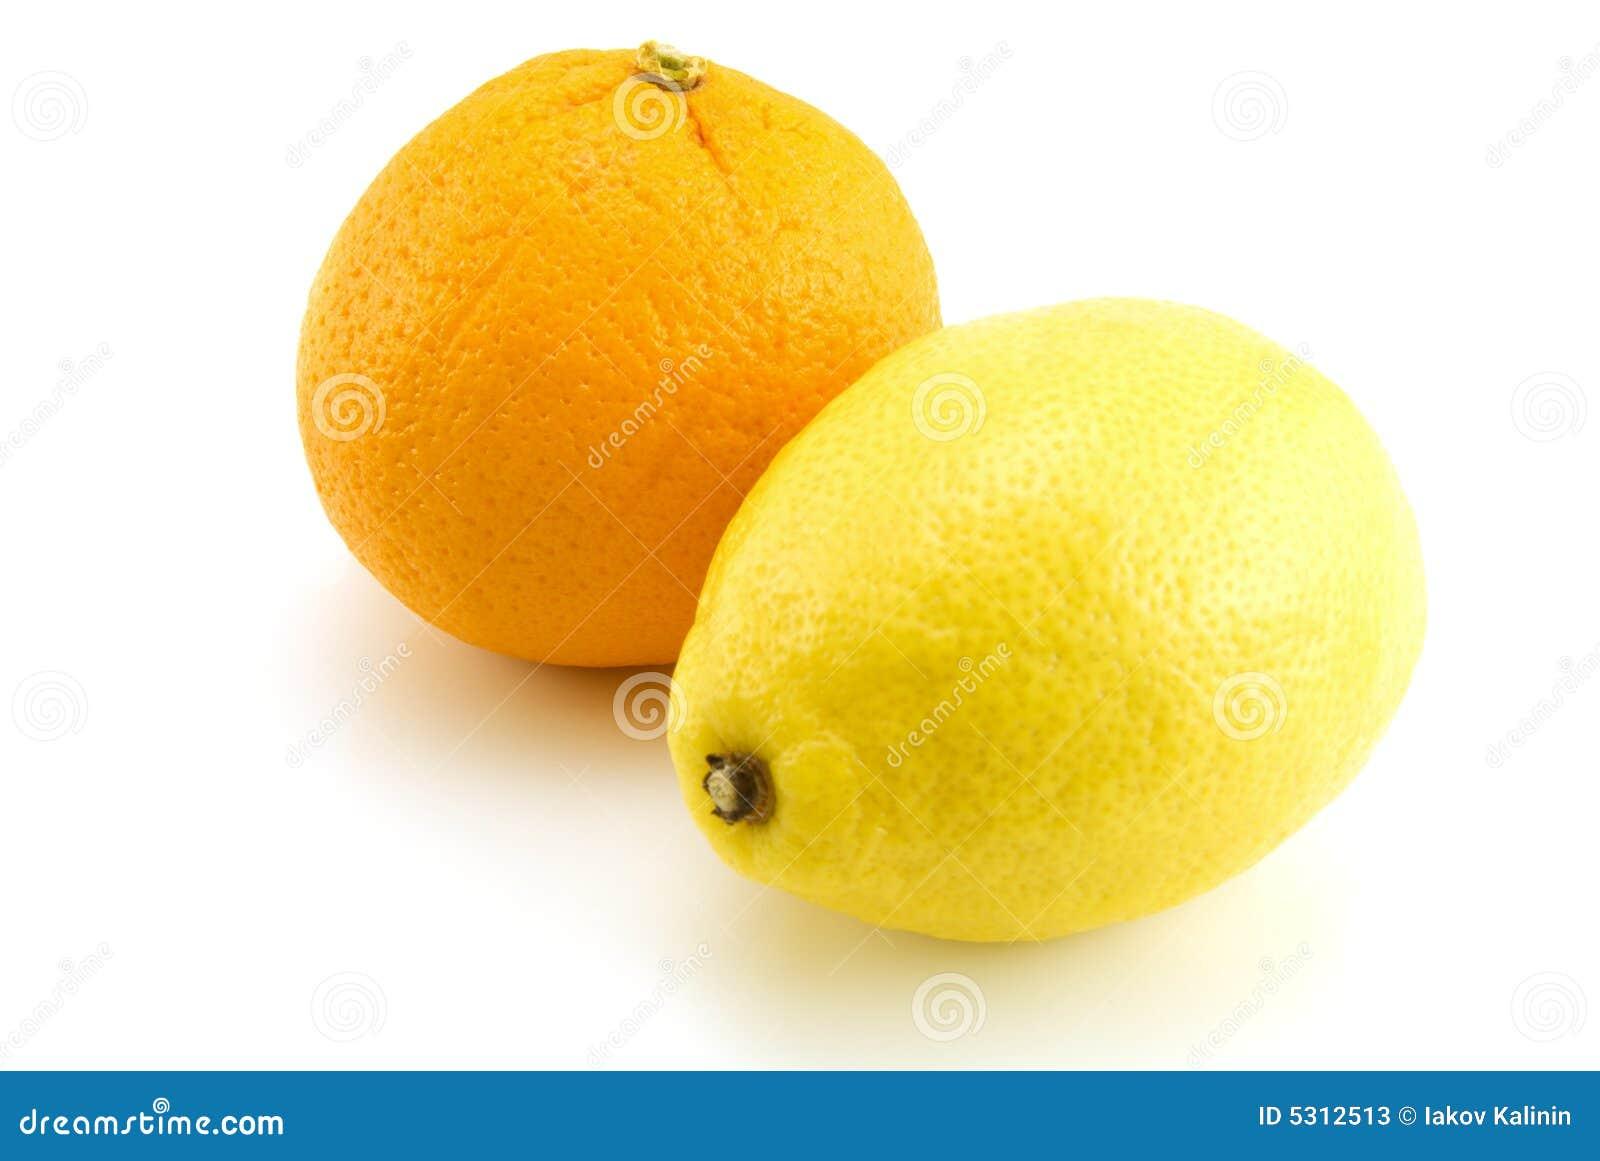 Download Limone ed arancio immagine stock. Immagine di gourmet - 5312513